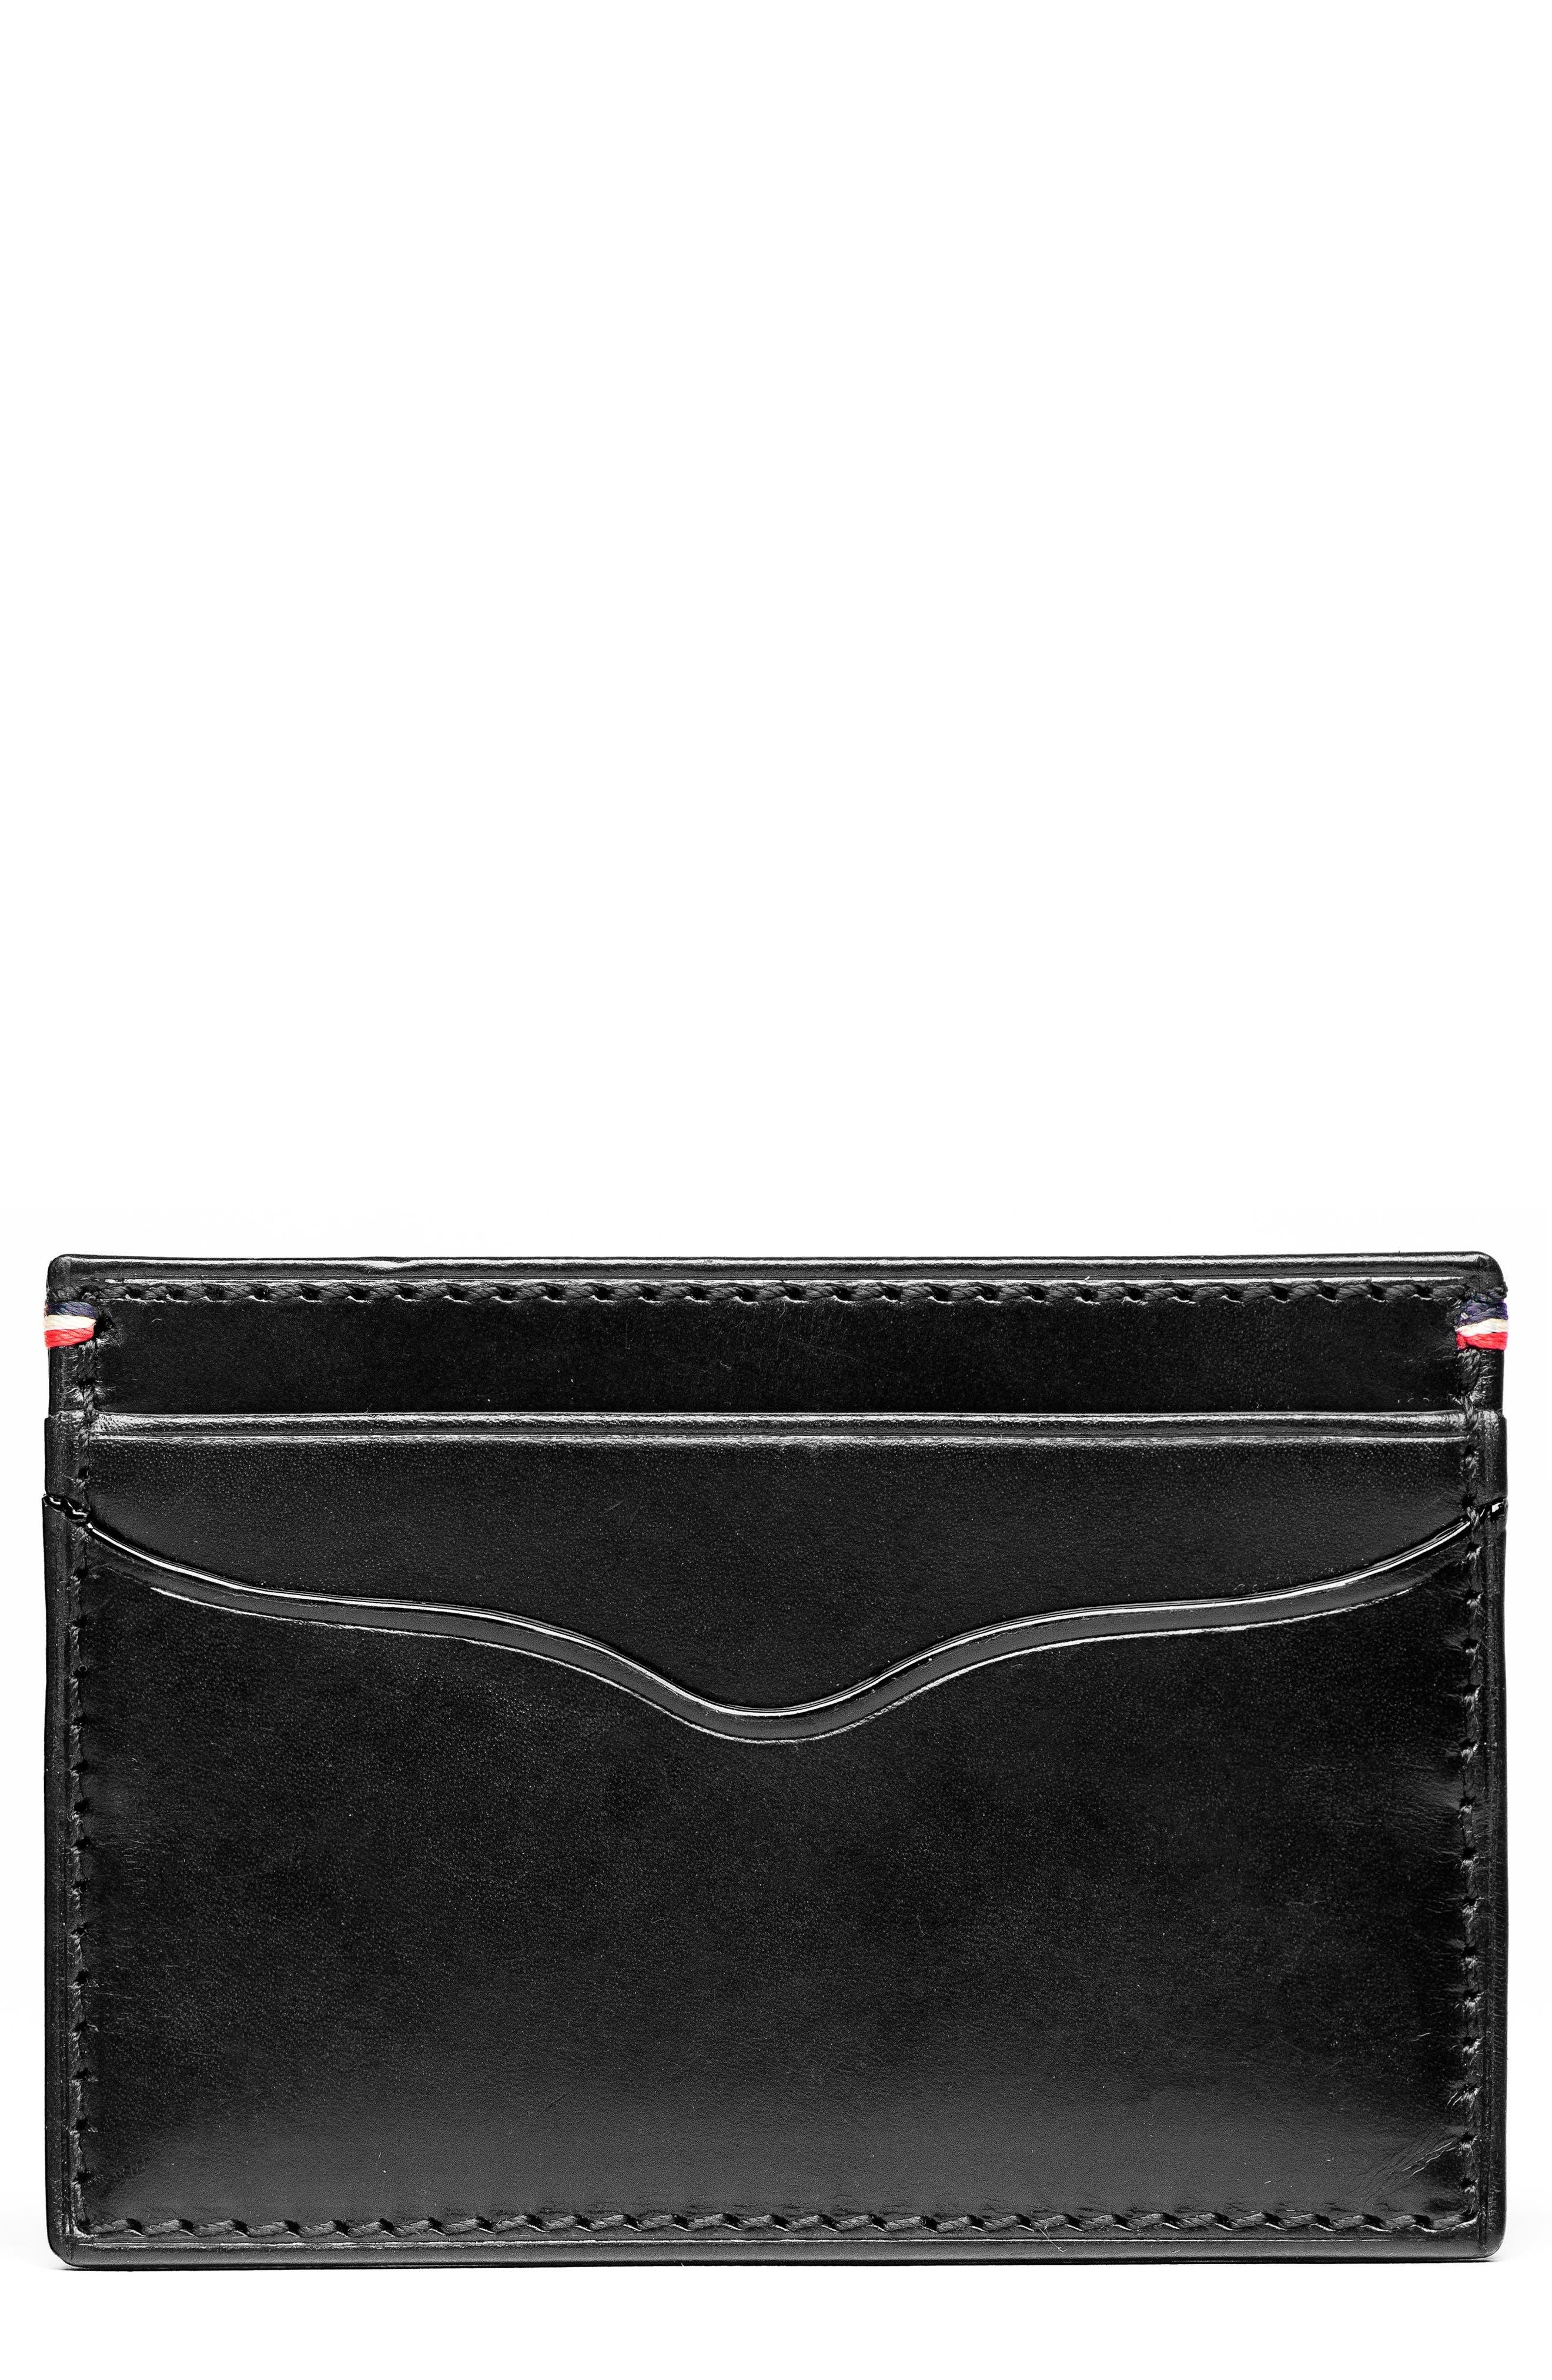 Jack Mason Core Leather Card Case